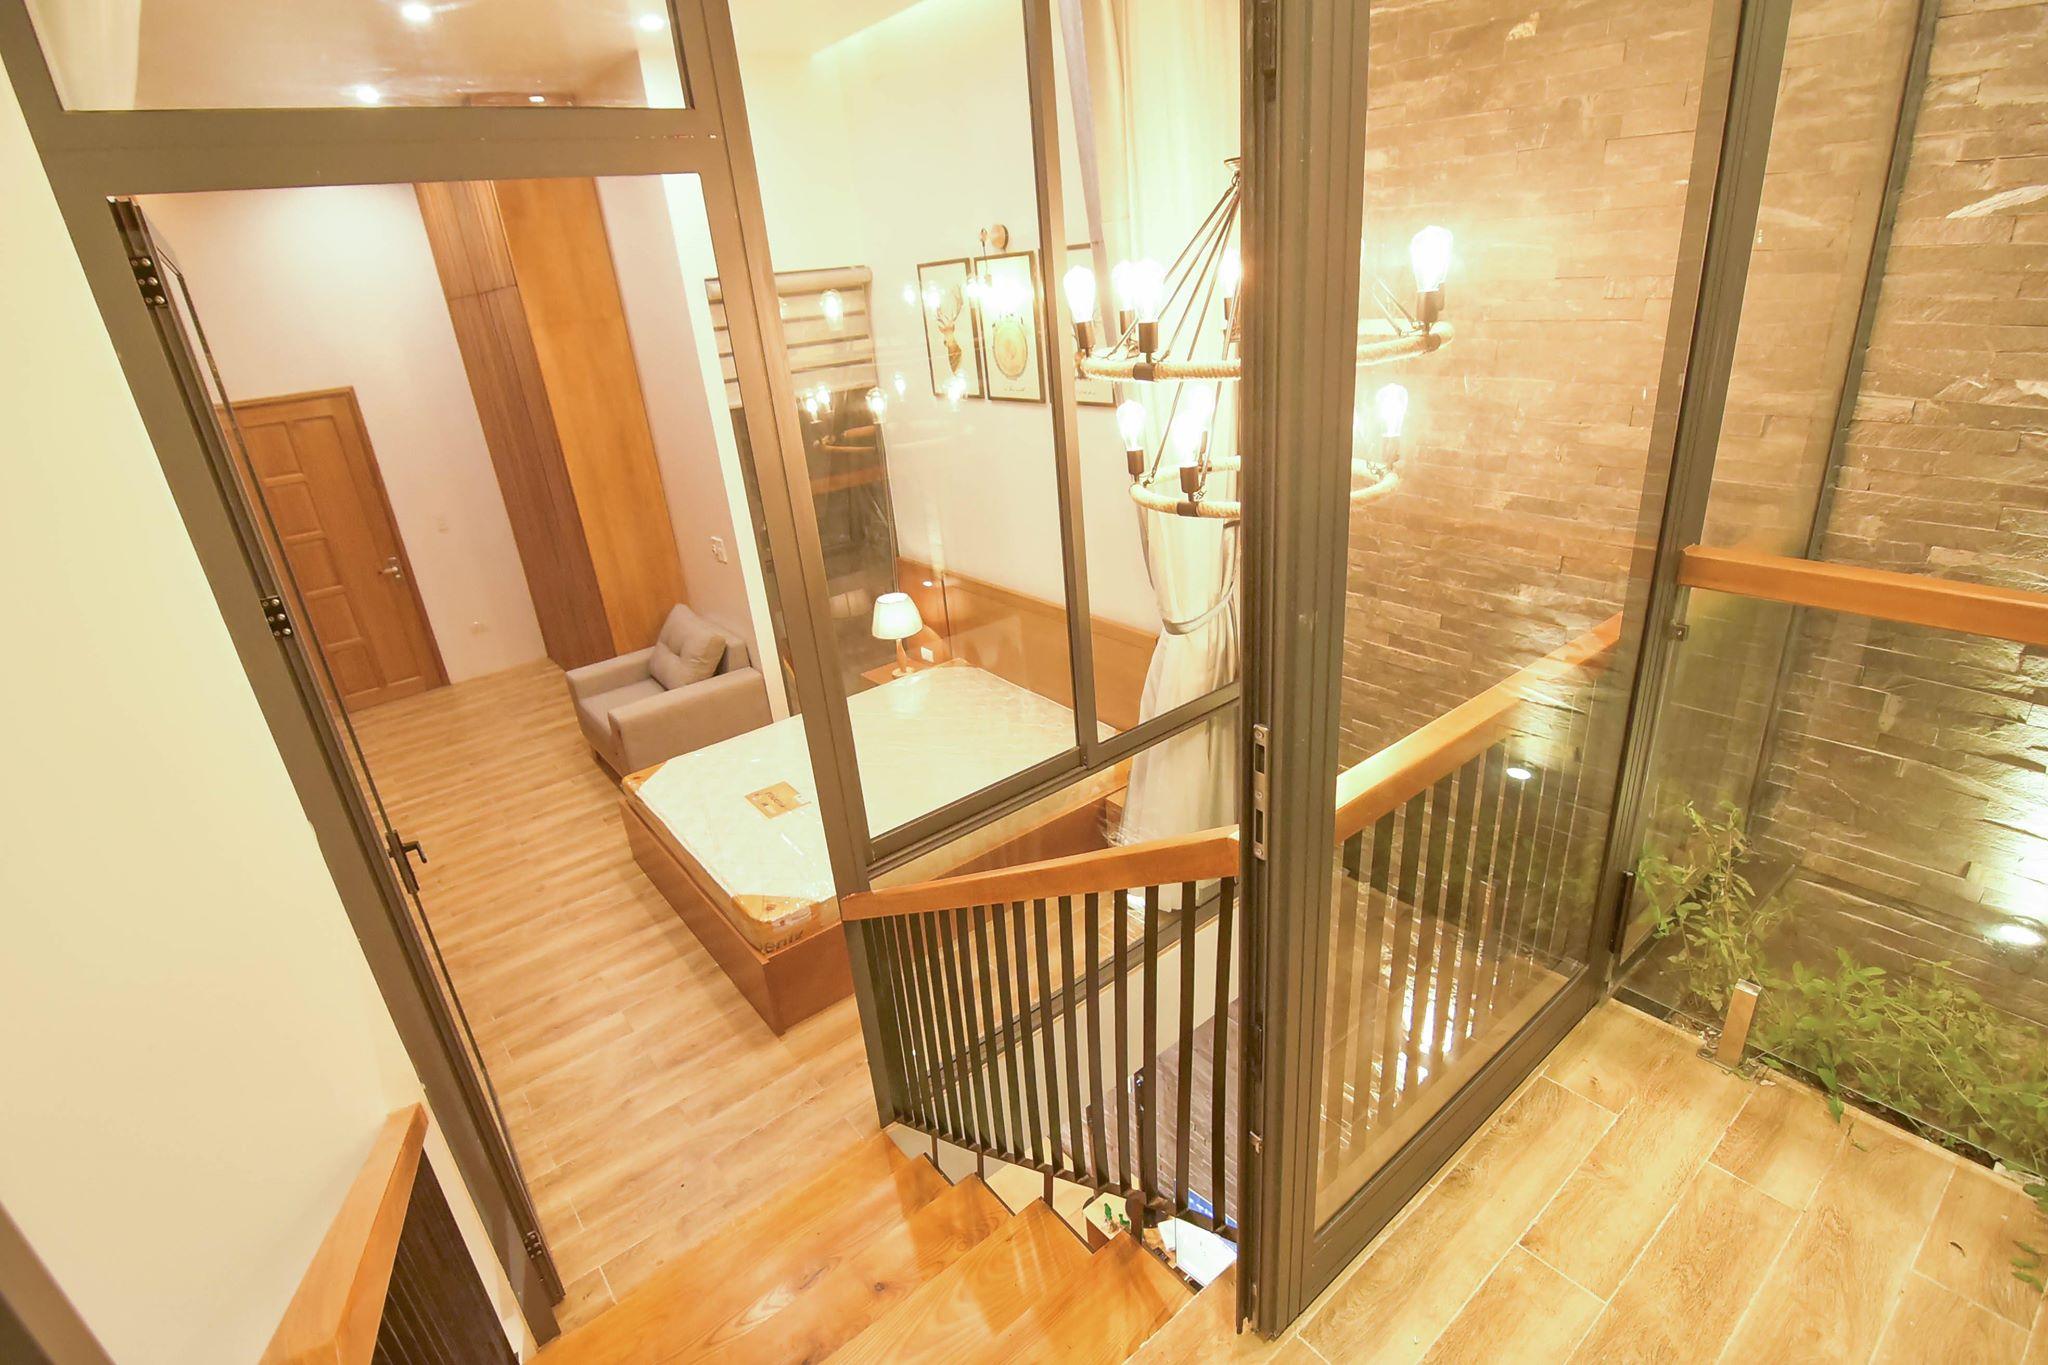 thiết kế Nhà Mặt Phố 3 tầng tại Đà Nẵng THE GARDEN HOUSE 14 1561348252